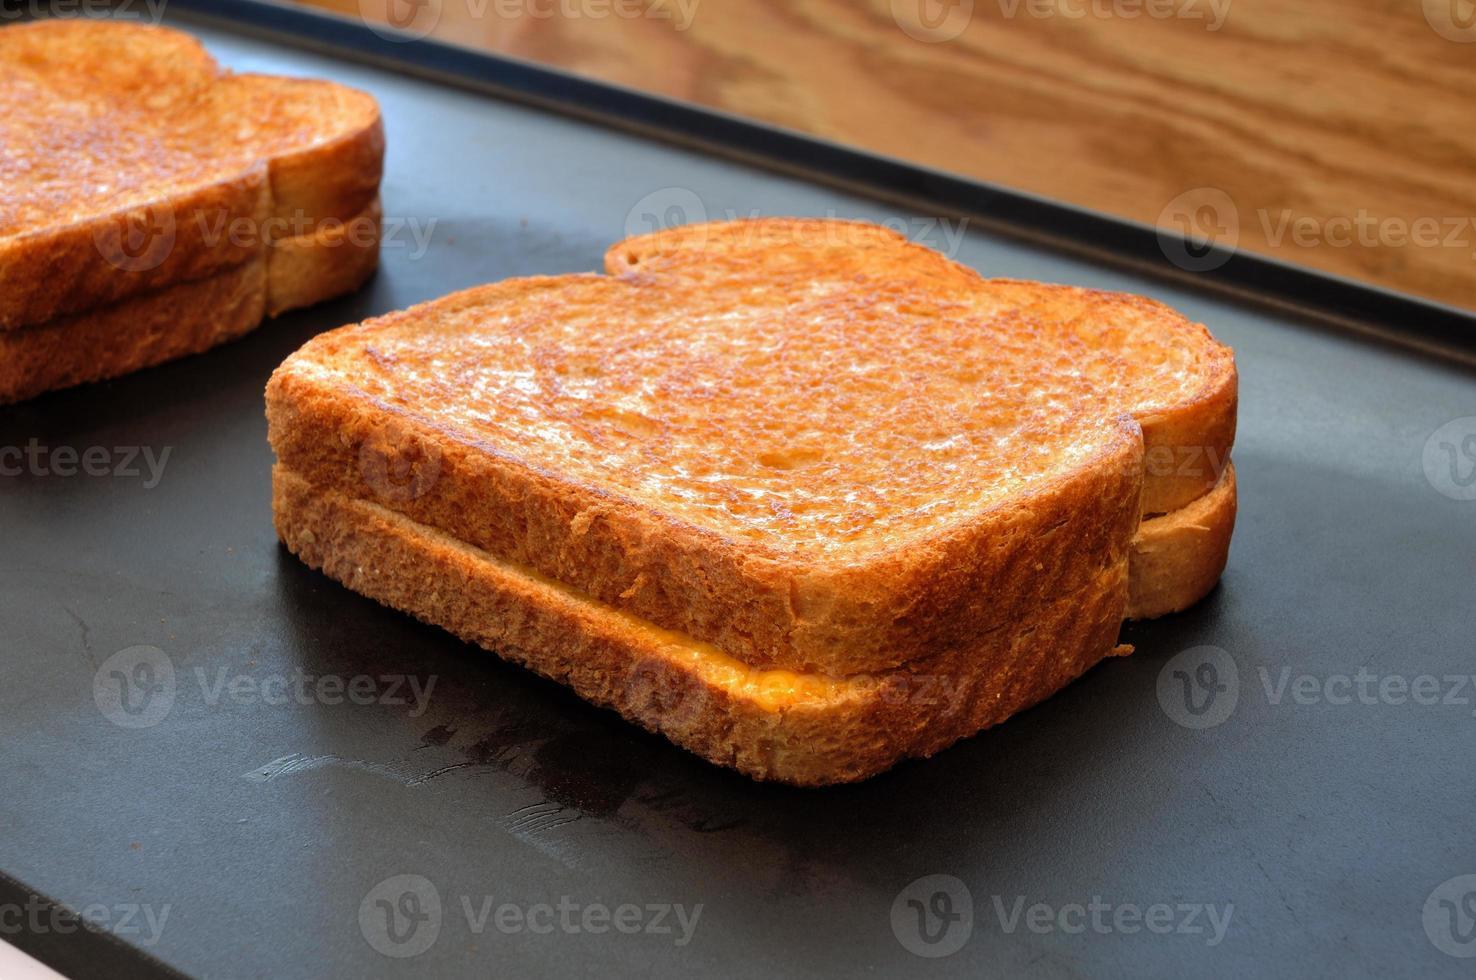 zwei gegrillte Käsesandwiches auf einer heißen Platte foto